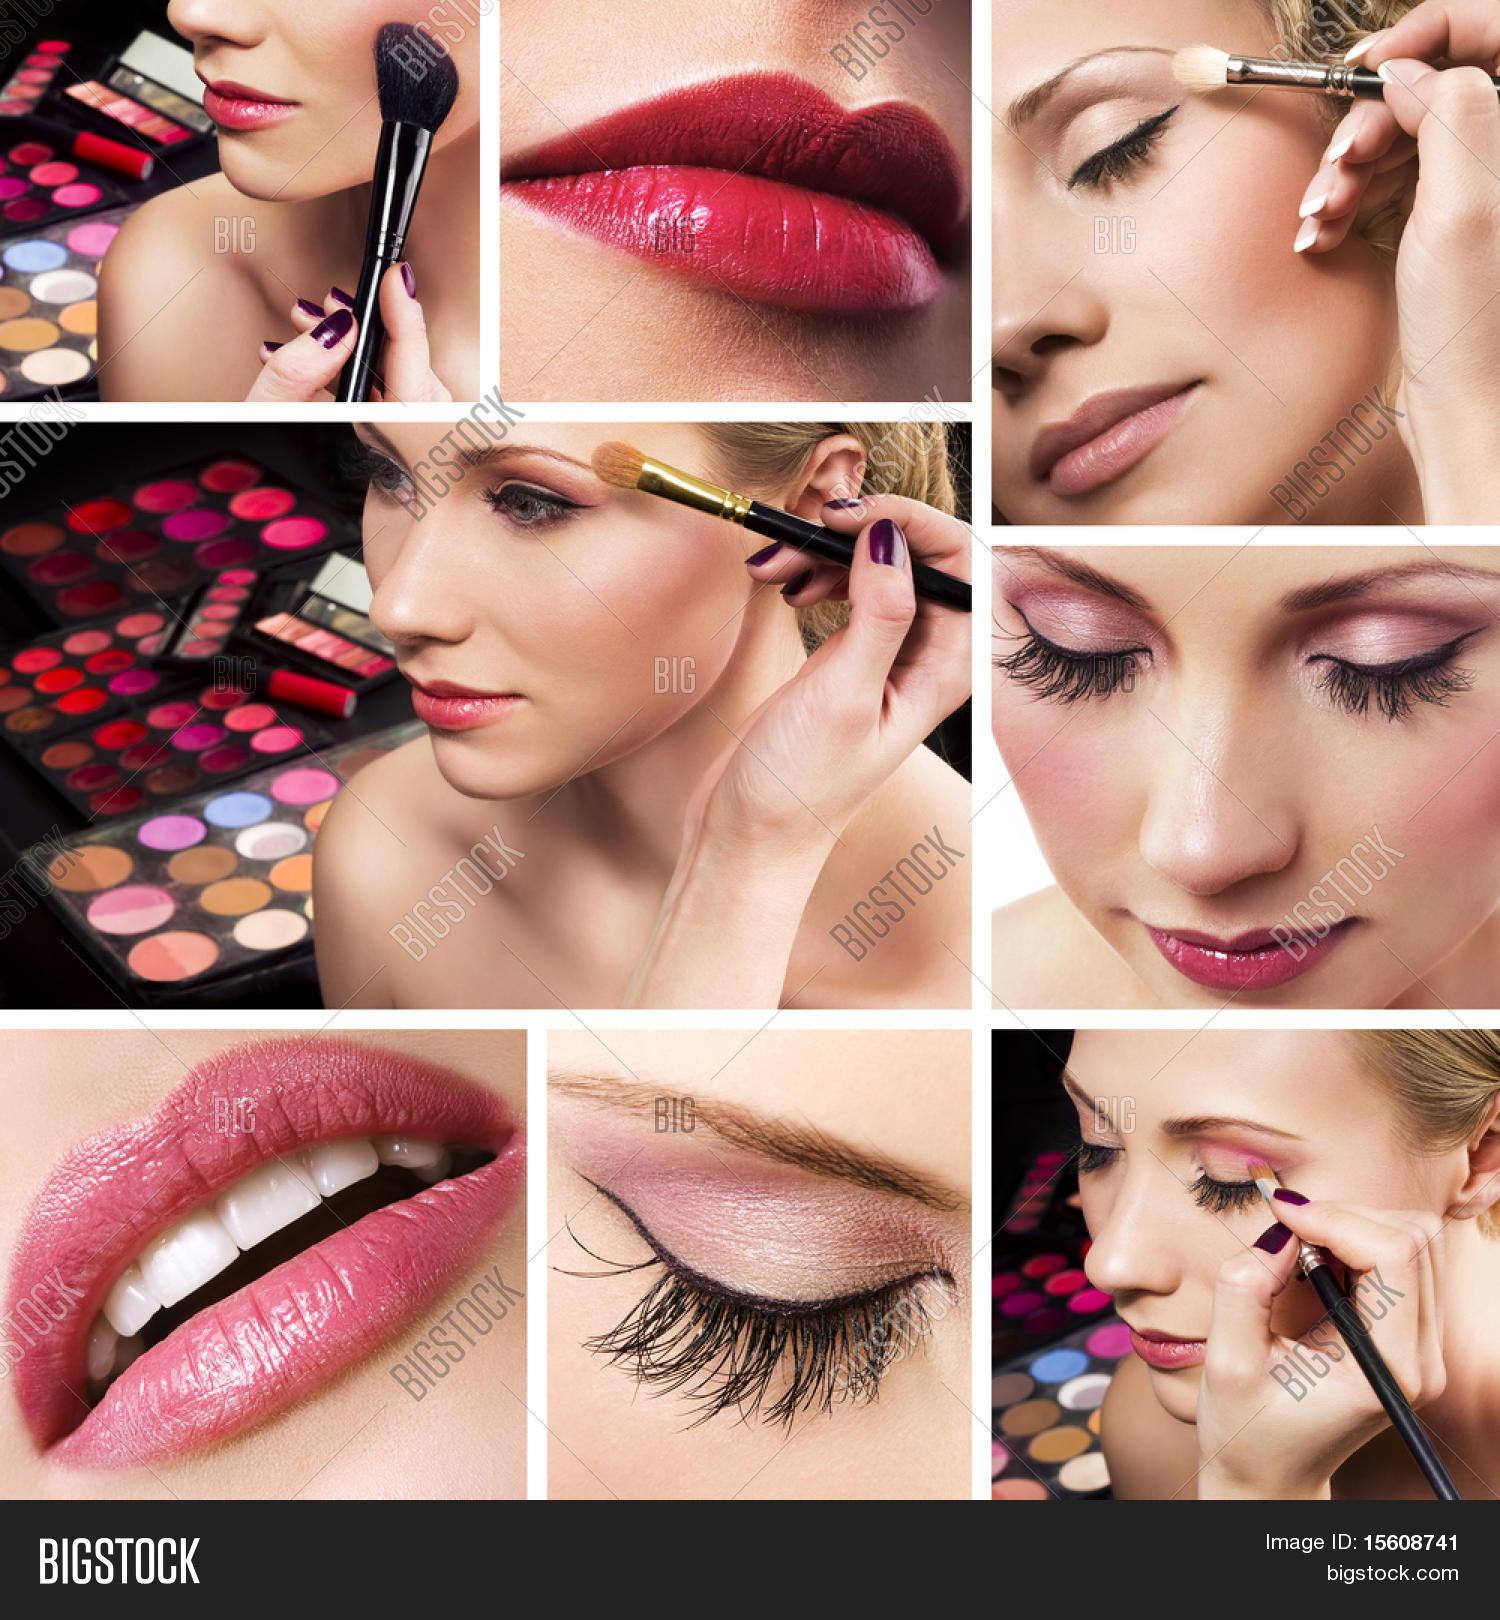 О правильном макияже для фото